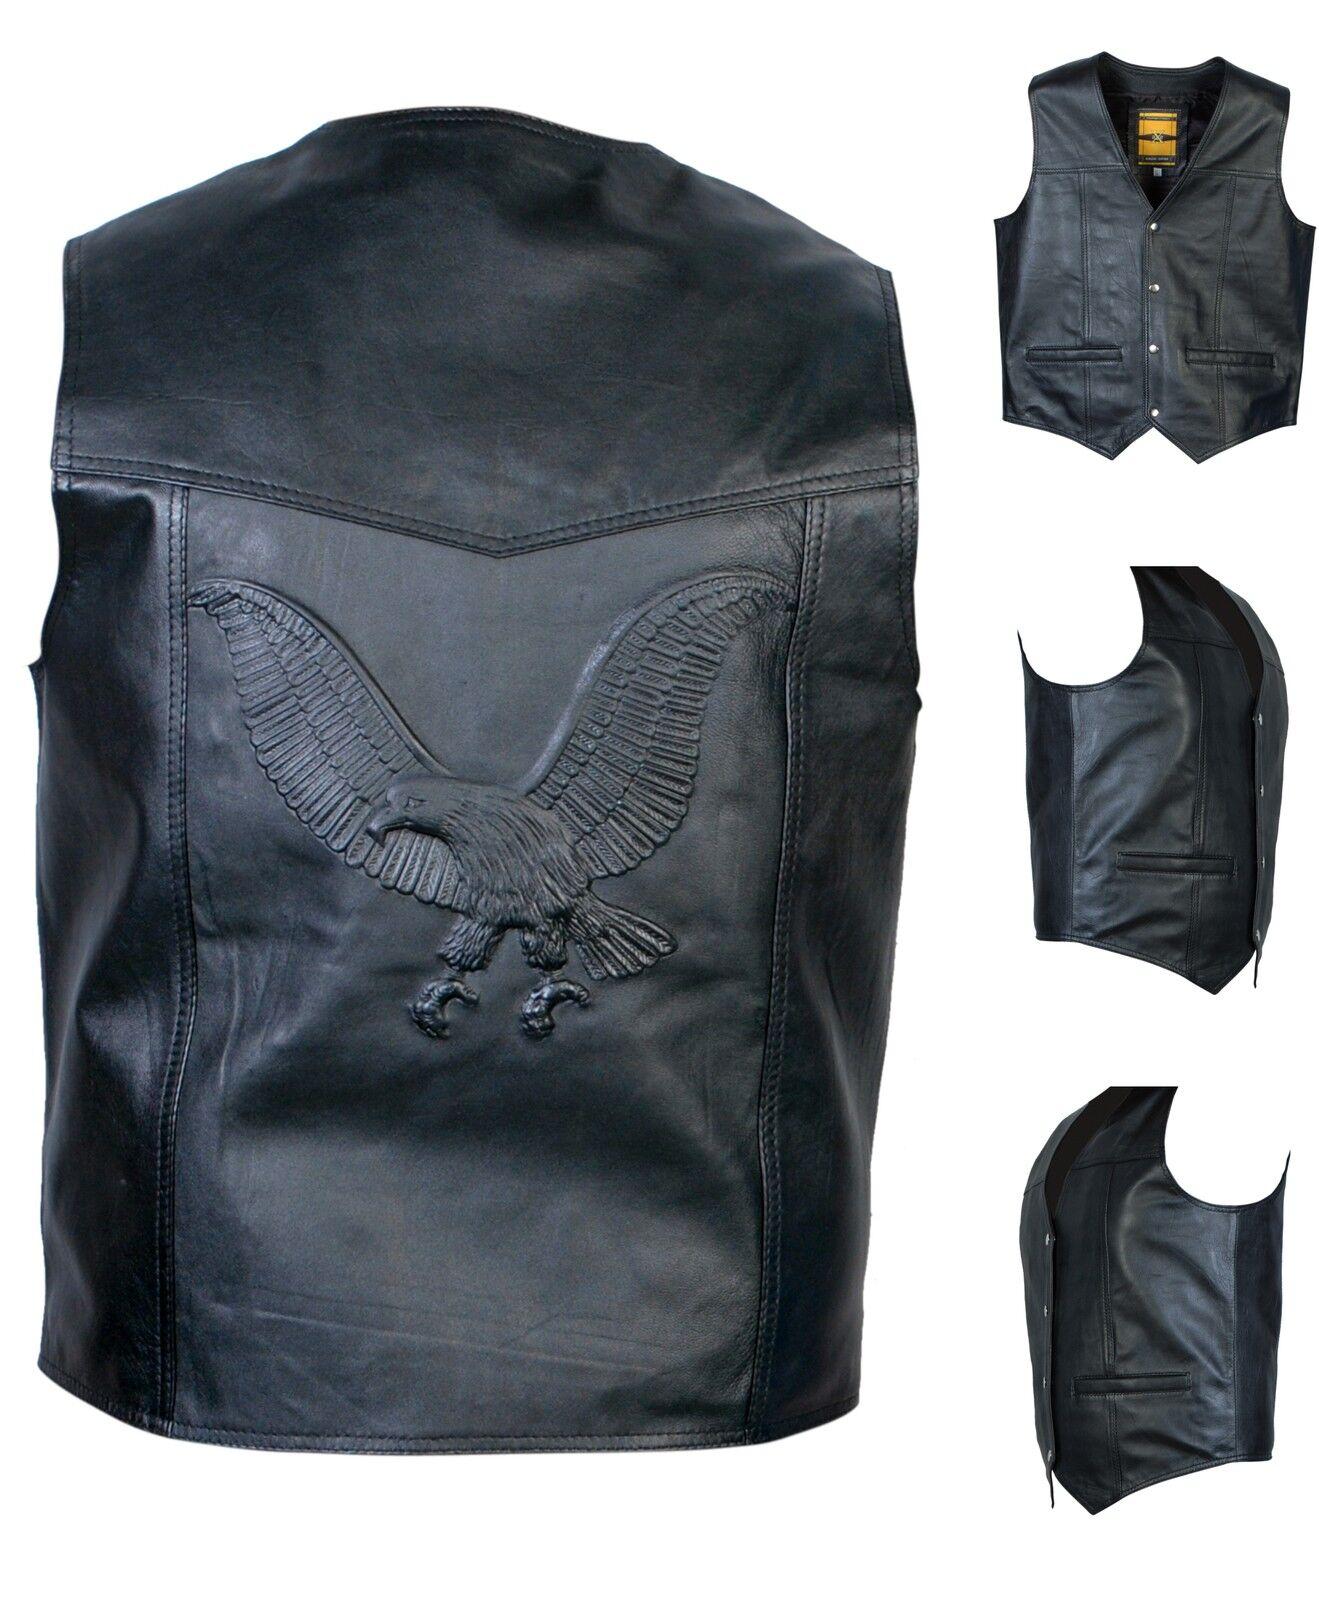 Echtleder Weste Biker Weste Motorrad black   Geprägt Eagle